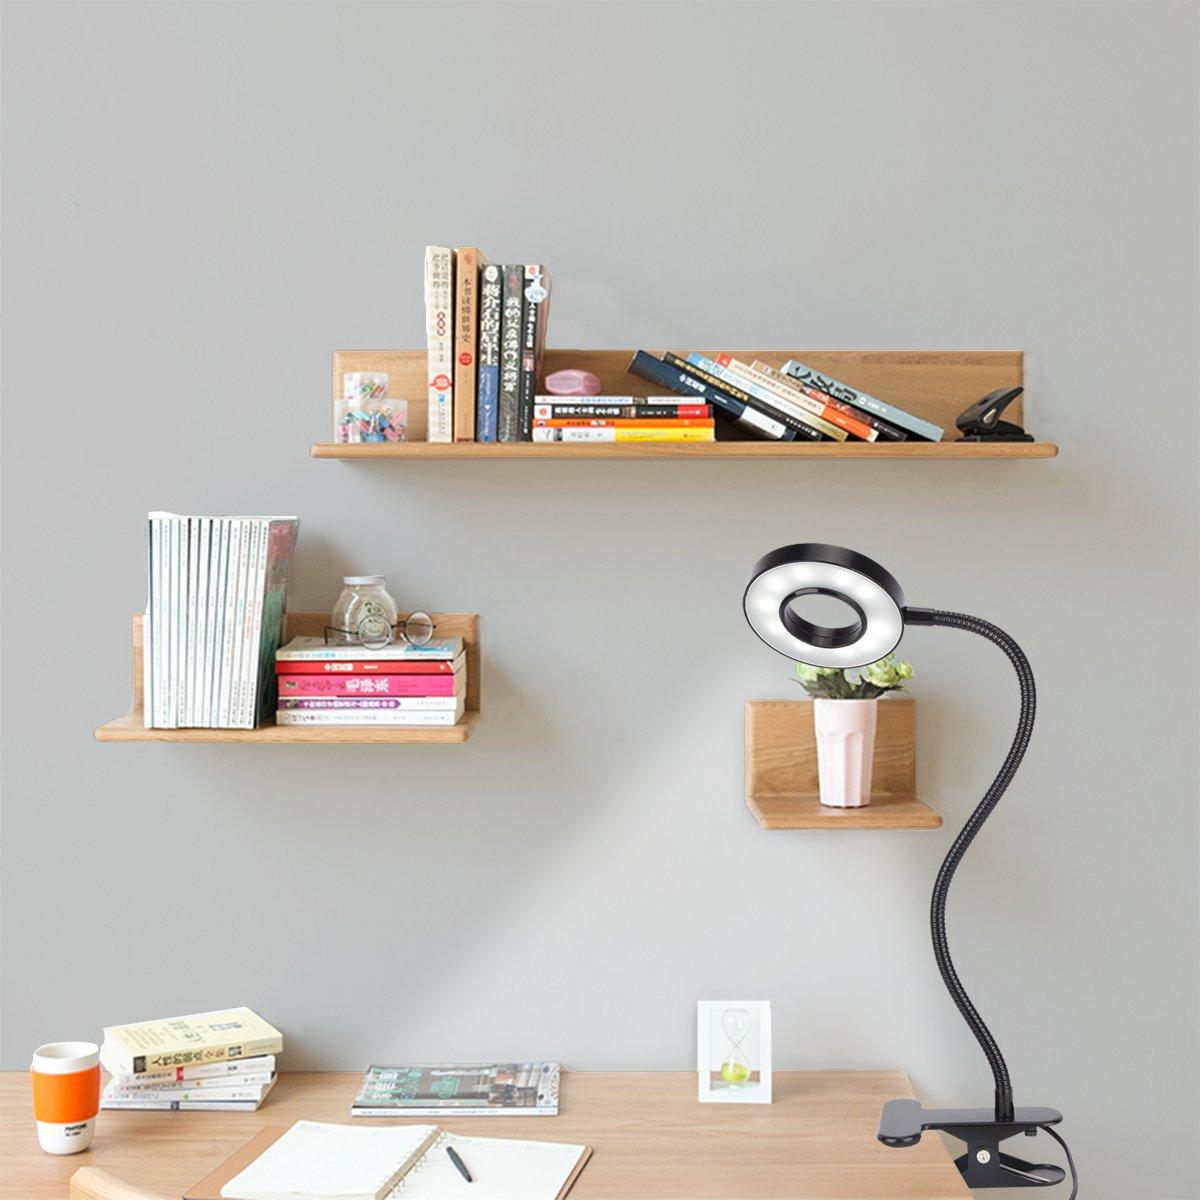 Kernorv Clip on Light/Reading Lights, 5W LED USB Dimmable 5 Color Modes Clip on Light Adjustable Brightness Portable Bed Reading Light Clip Lights for Bed Desk Headboard by Kernorv (Image #6)